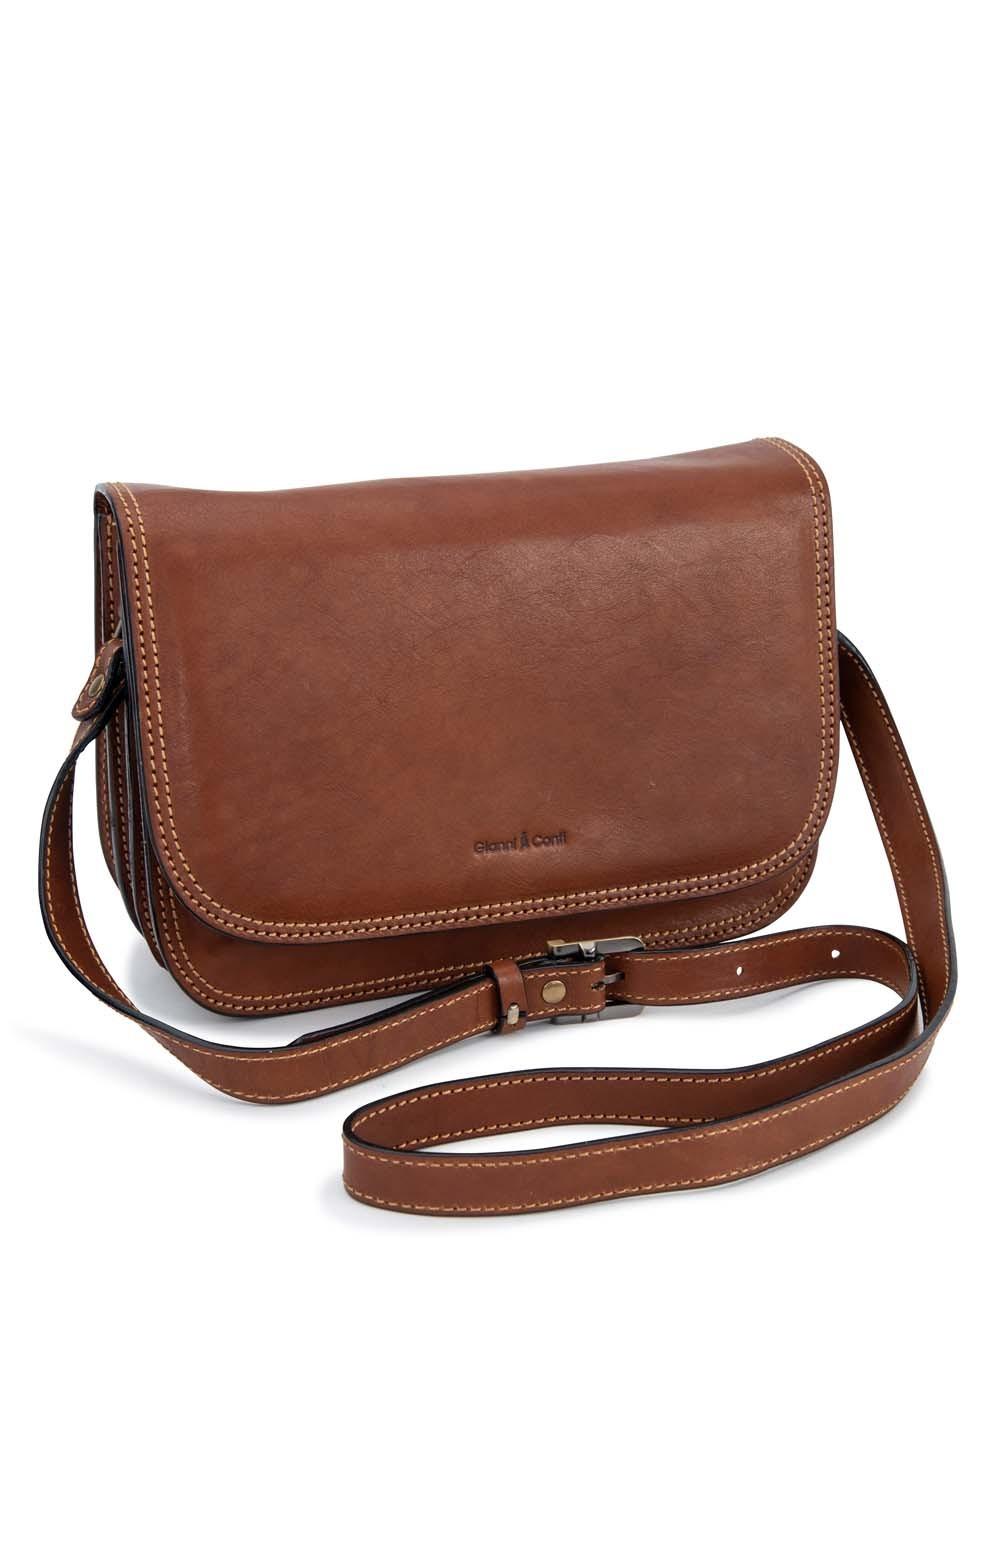 Las Gianni Conti Medium Flapover Bag